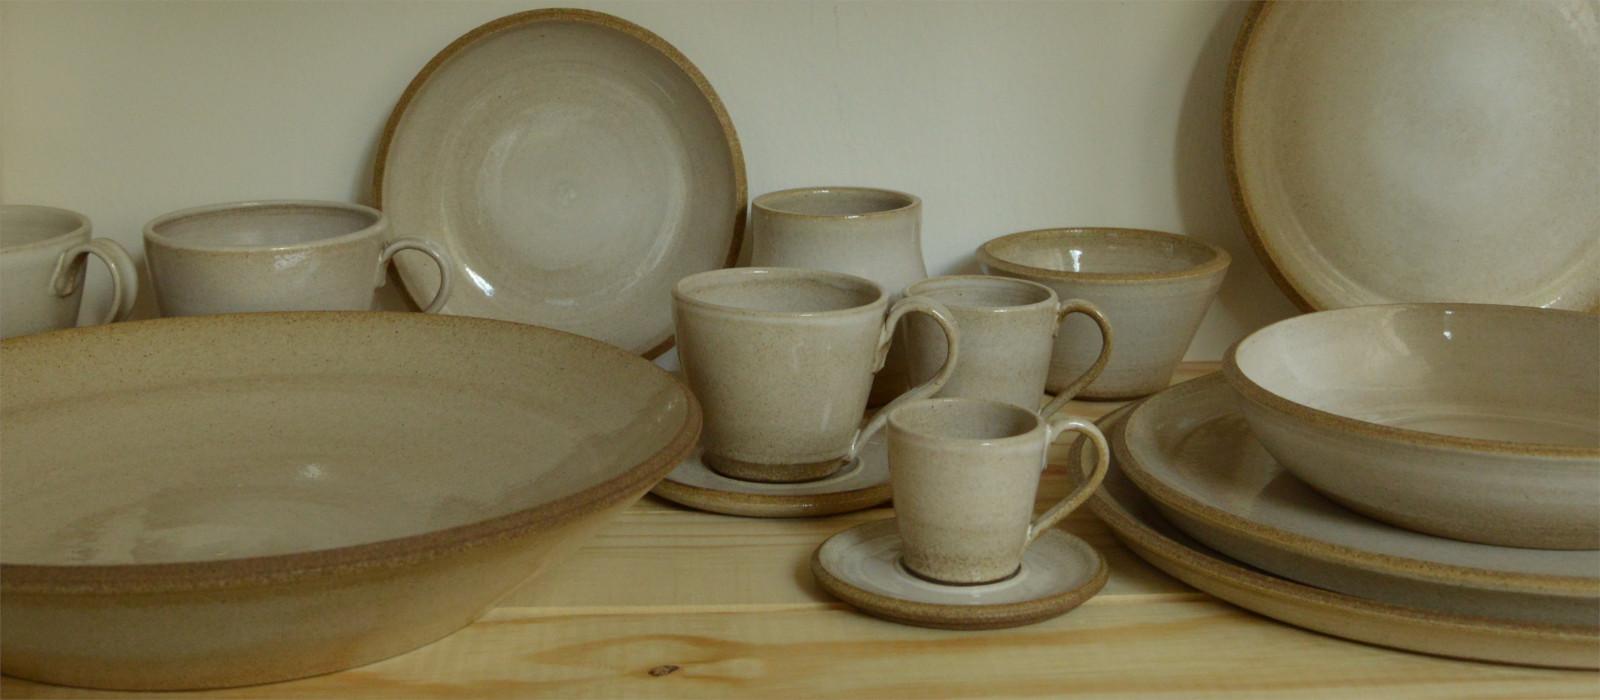 handgemaakt servies met witte doorschijnende glazuur